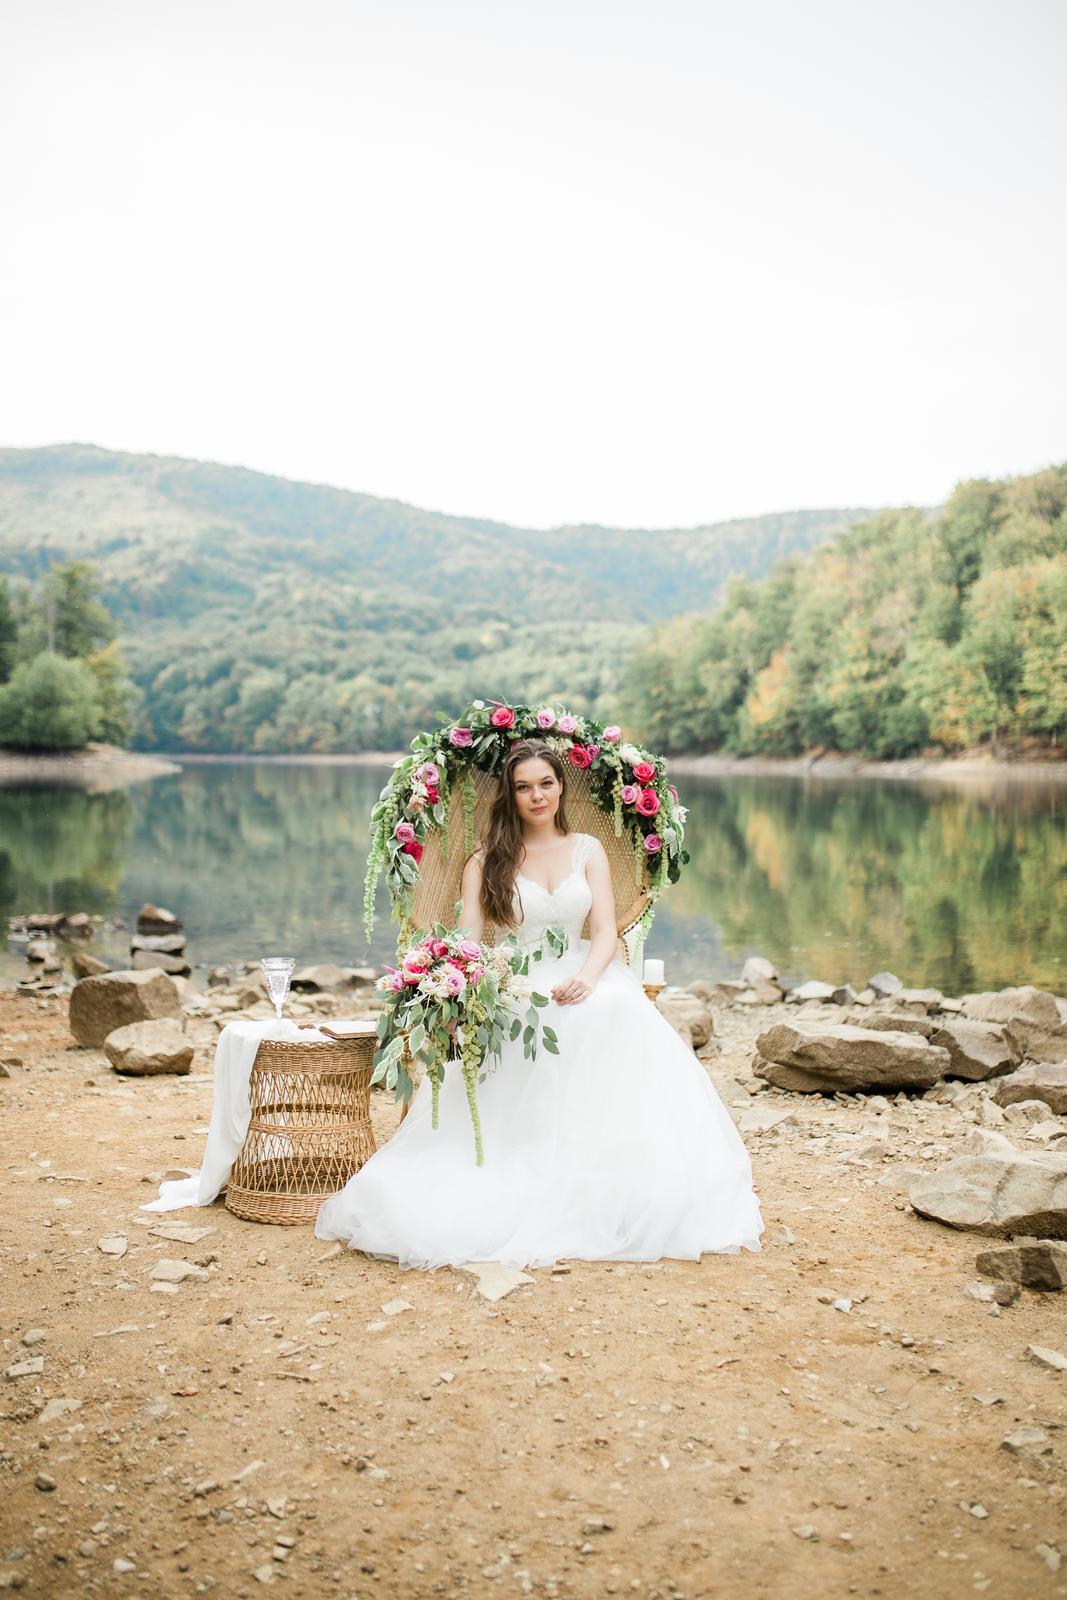 Nádherné svadobné fotenie Lenky a Stana na Morskom oku - Obrázok č. 2